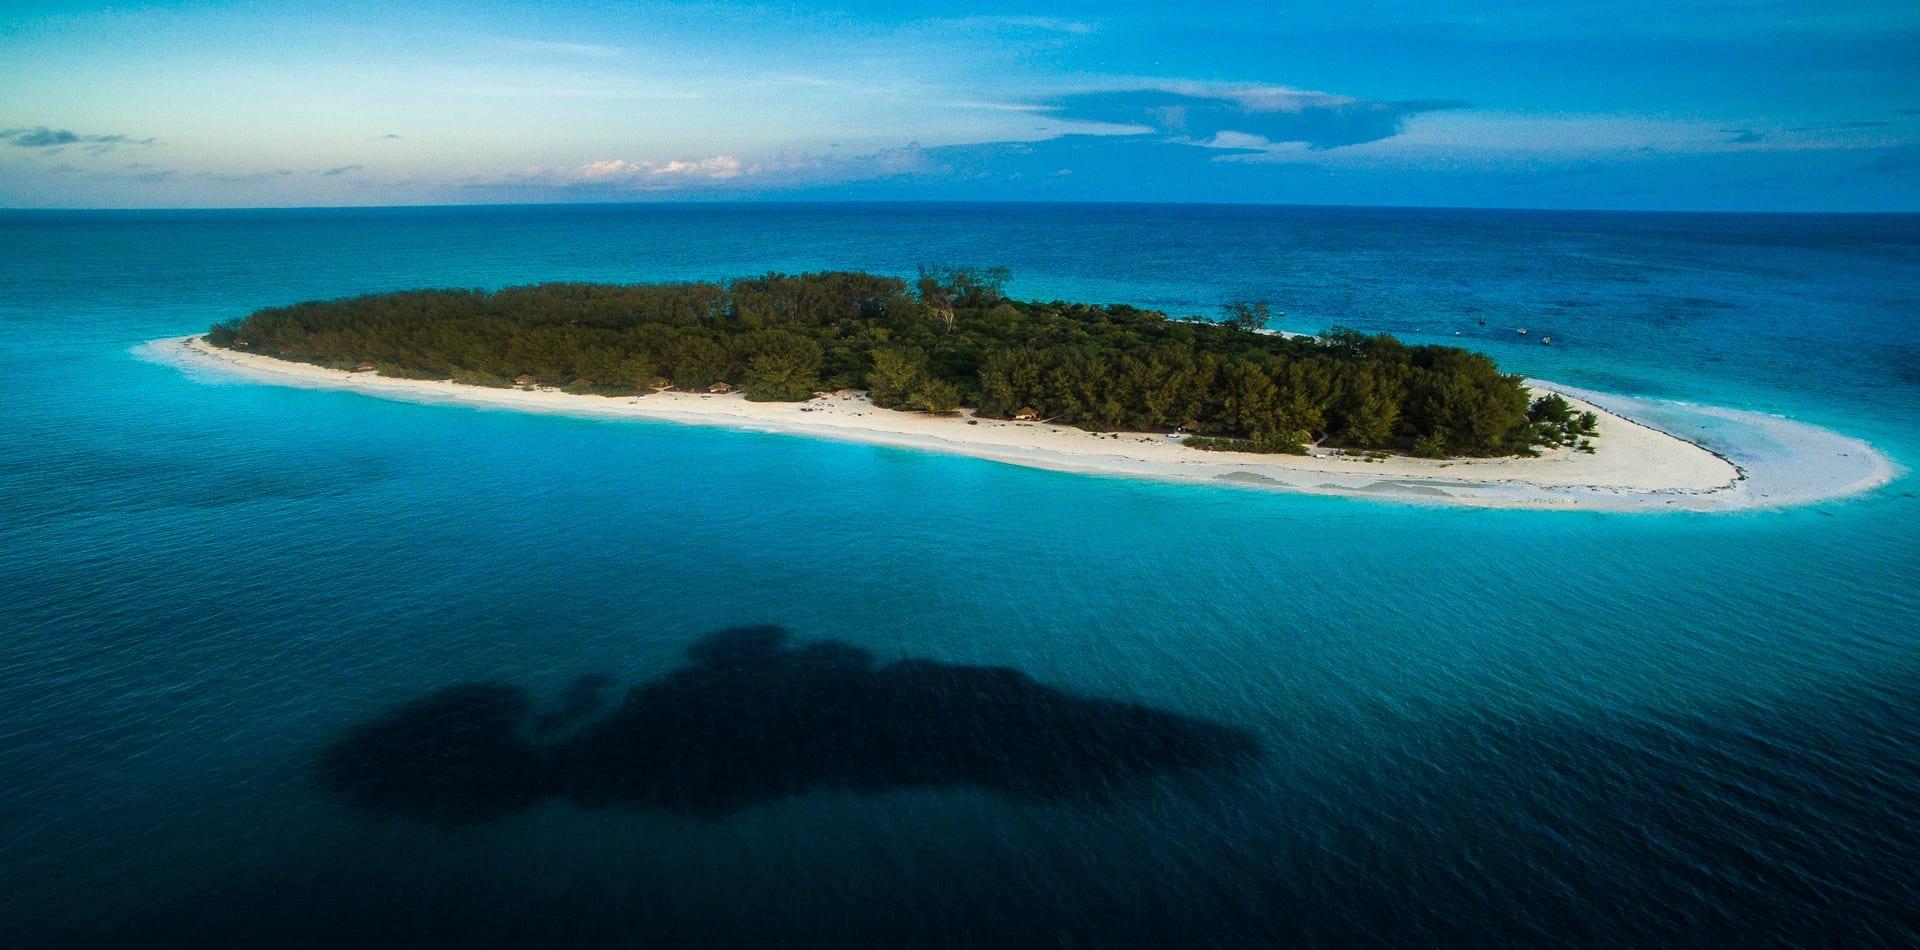 HERO Tanzania & Beyond Mnemba Island Aerial